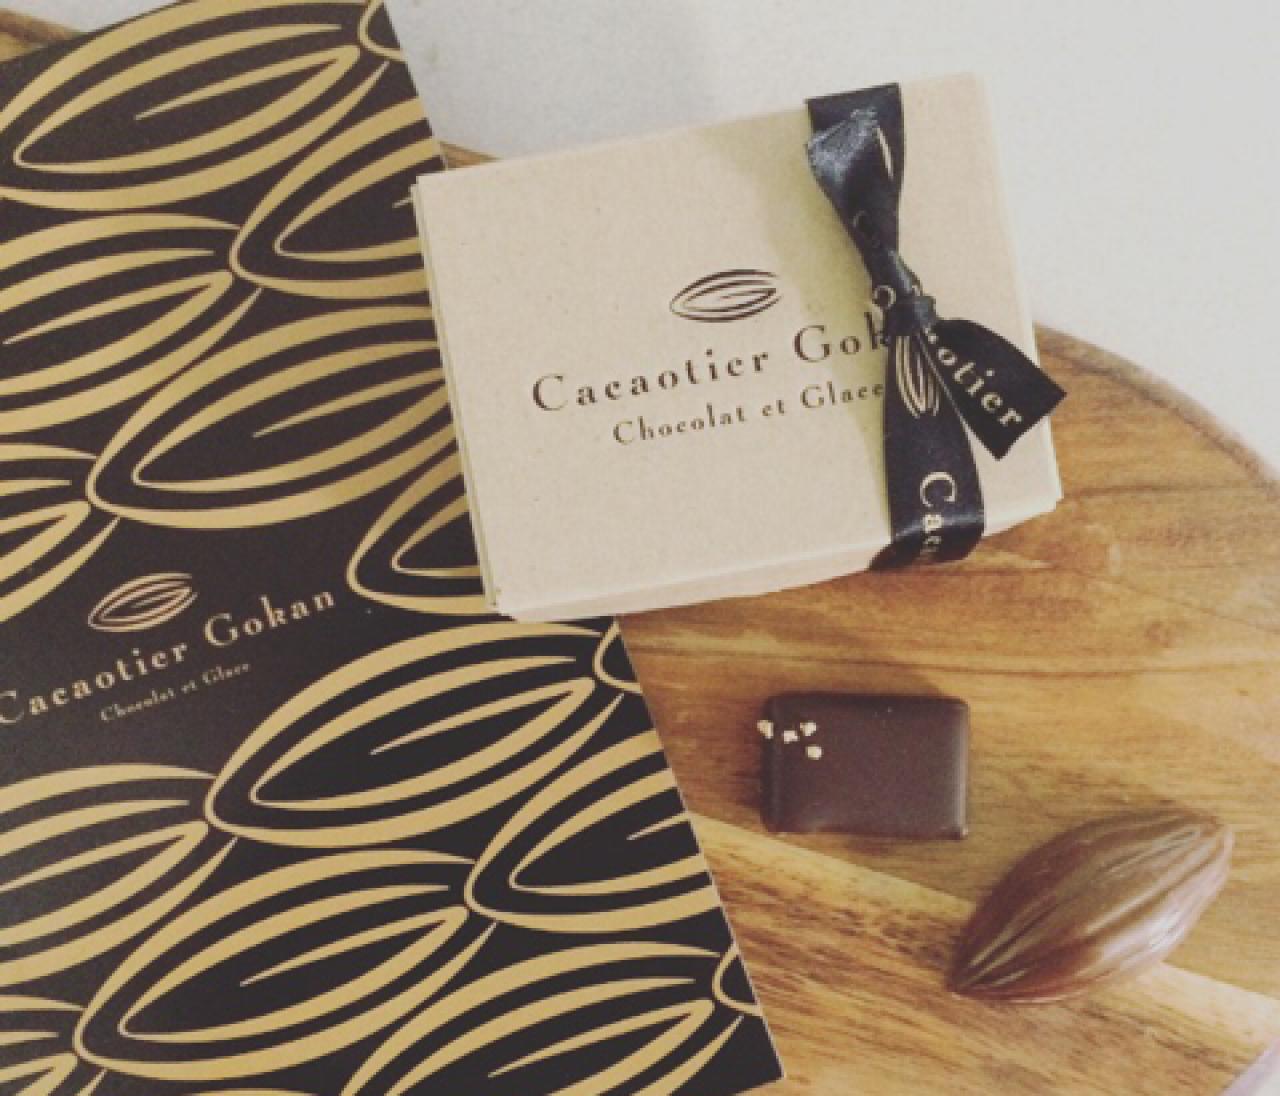 Cacaotier Gokan 北浜